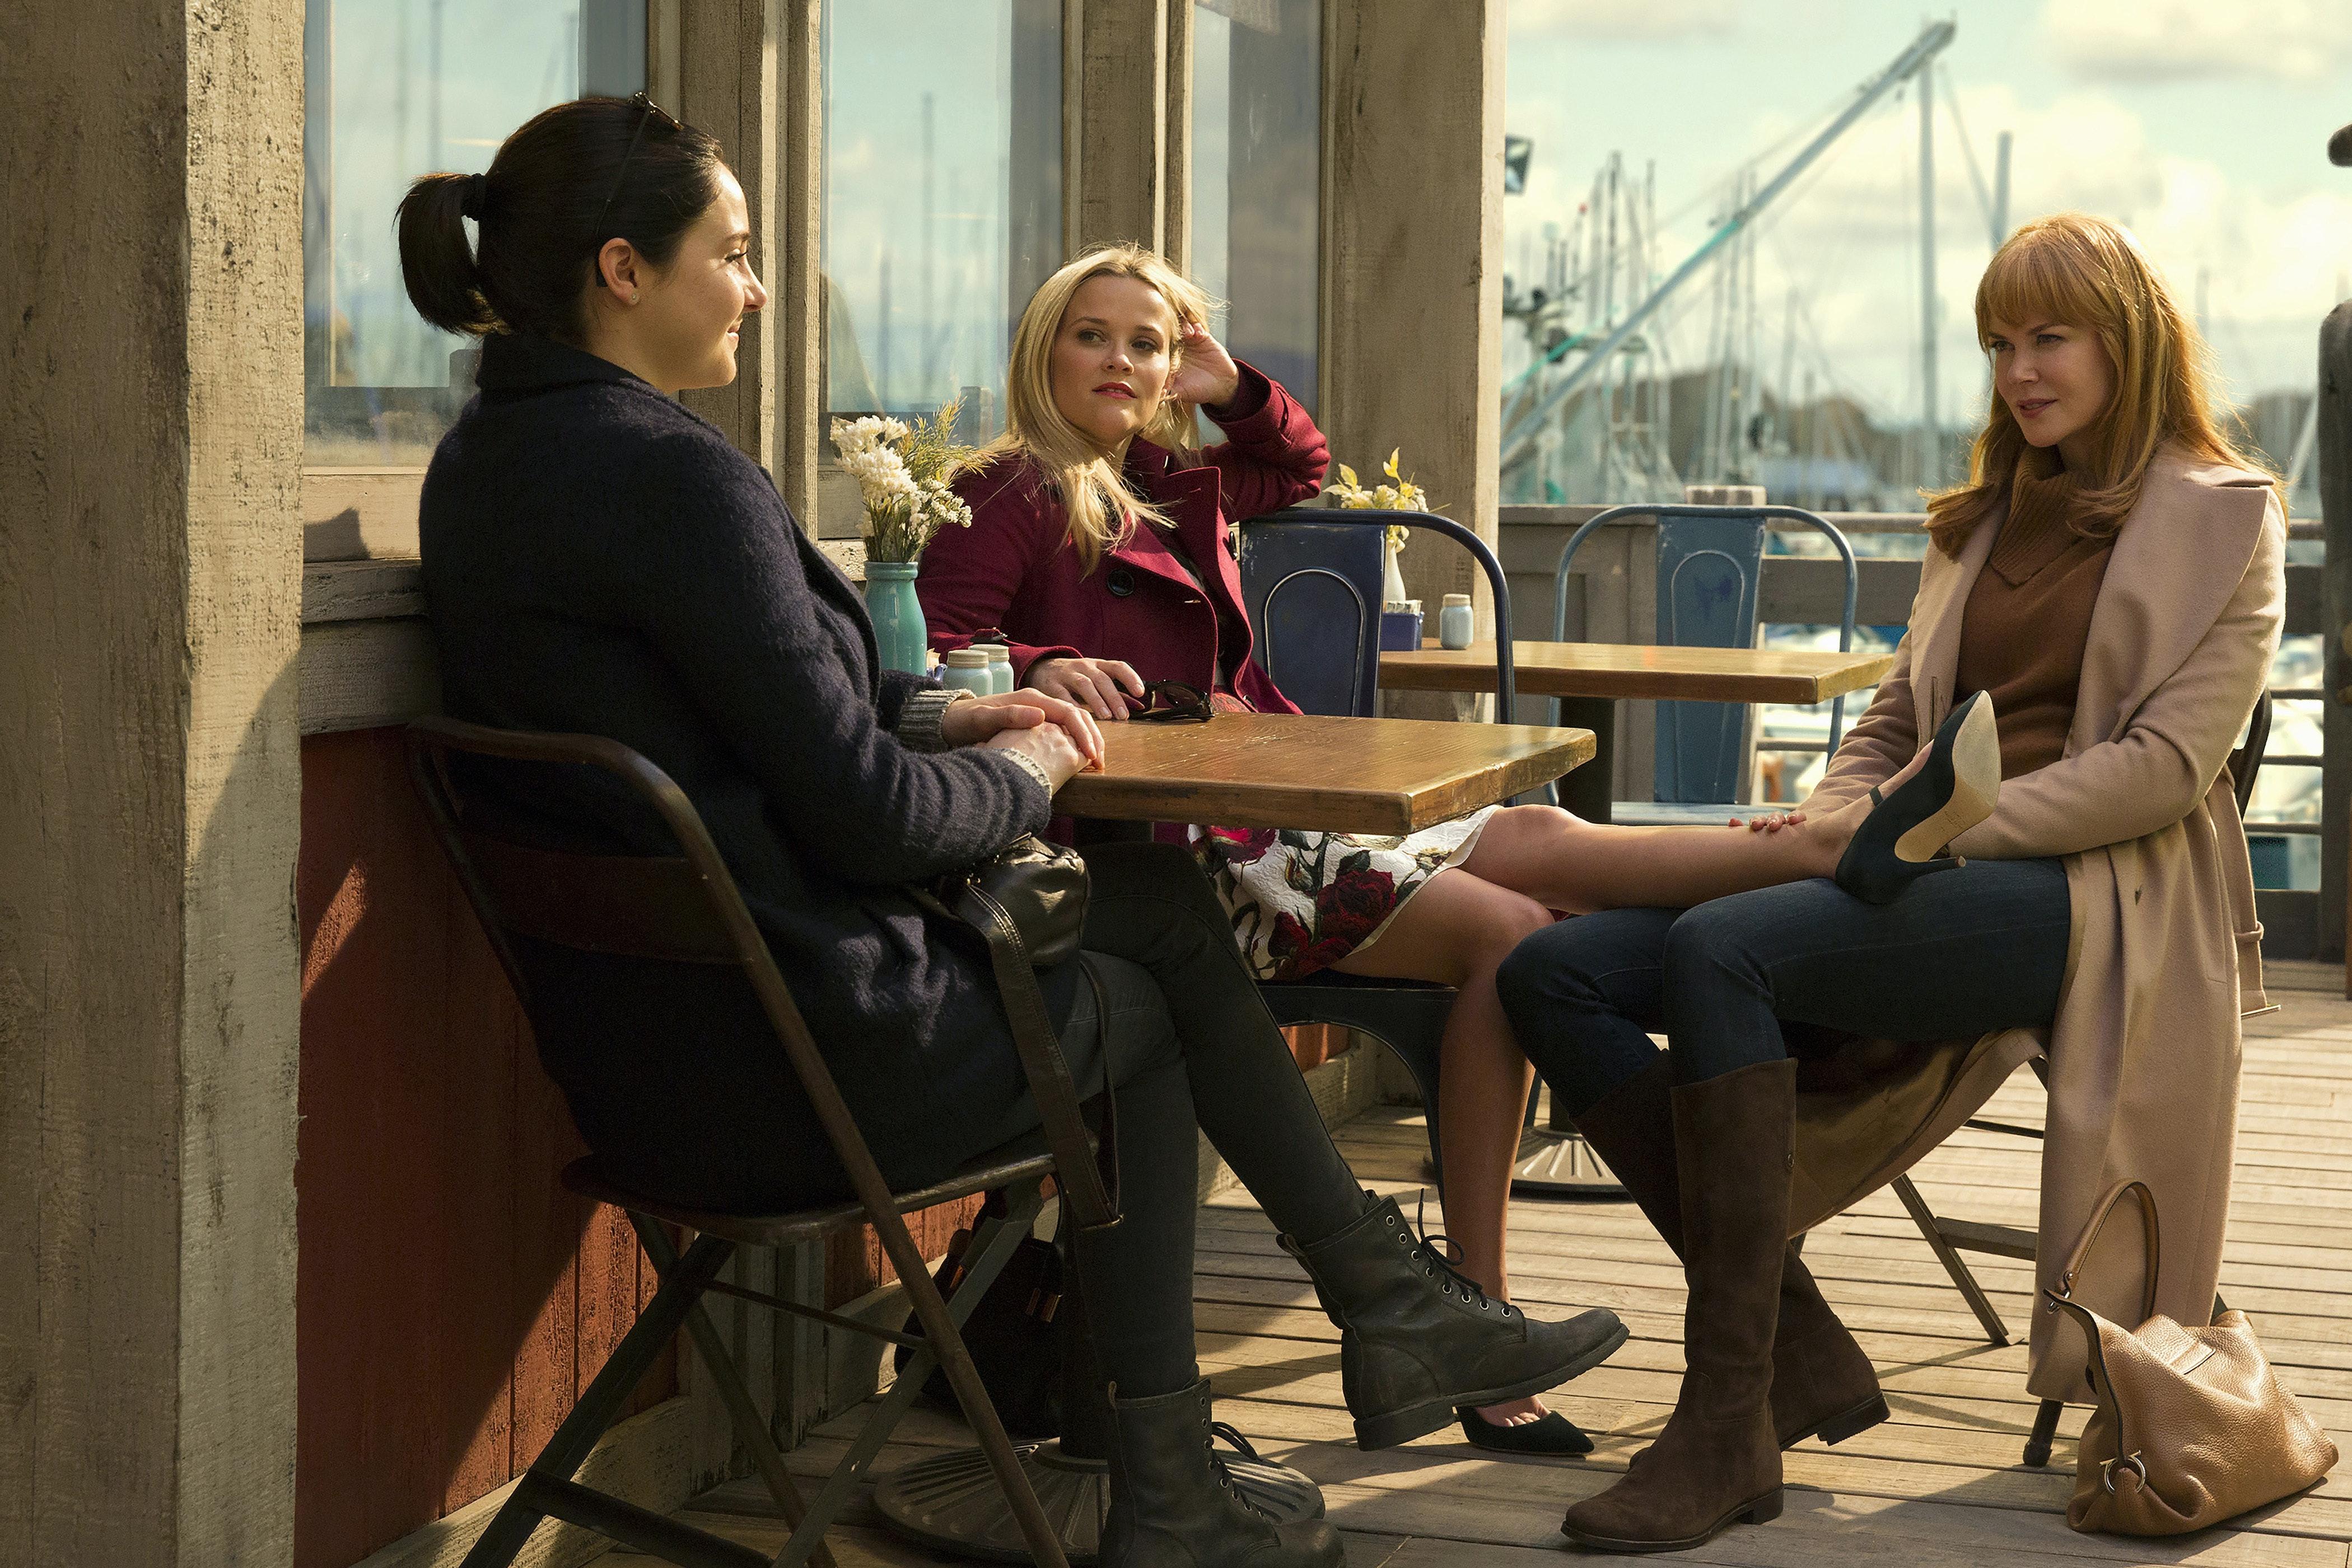 Big Little Lies Just Cast Bonnies Parents for Season 2 images